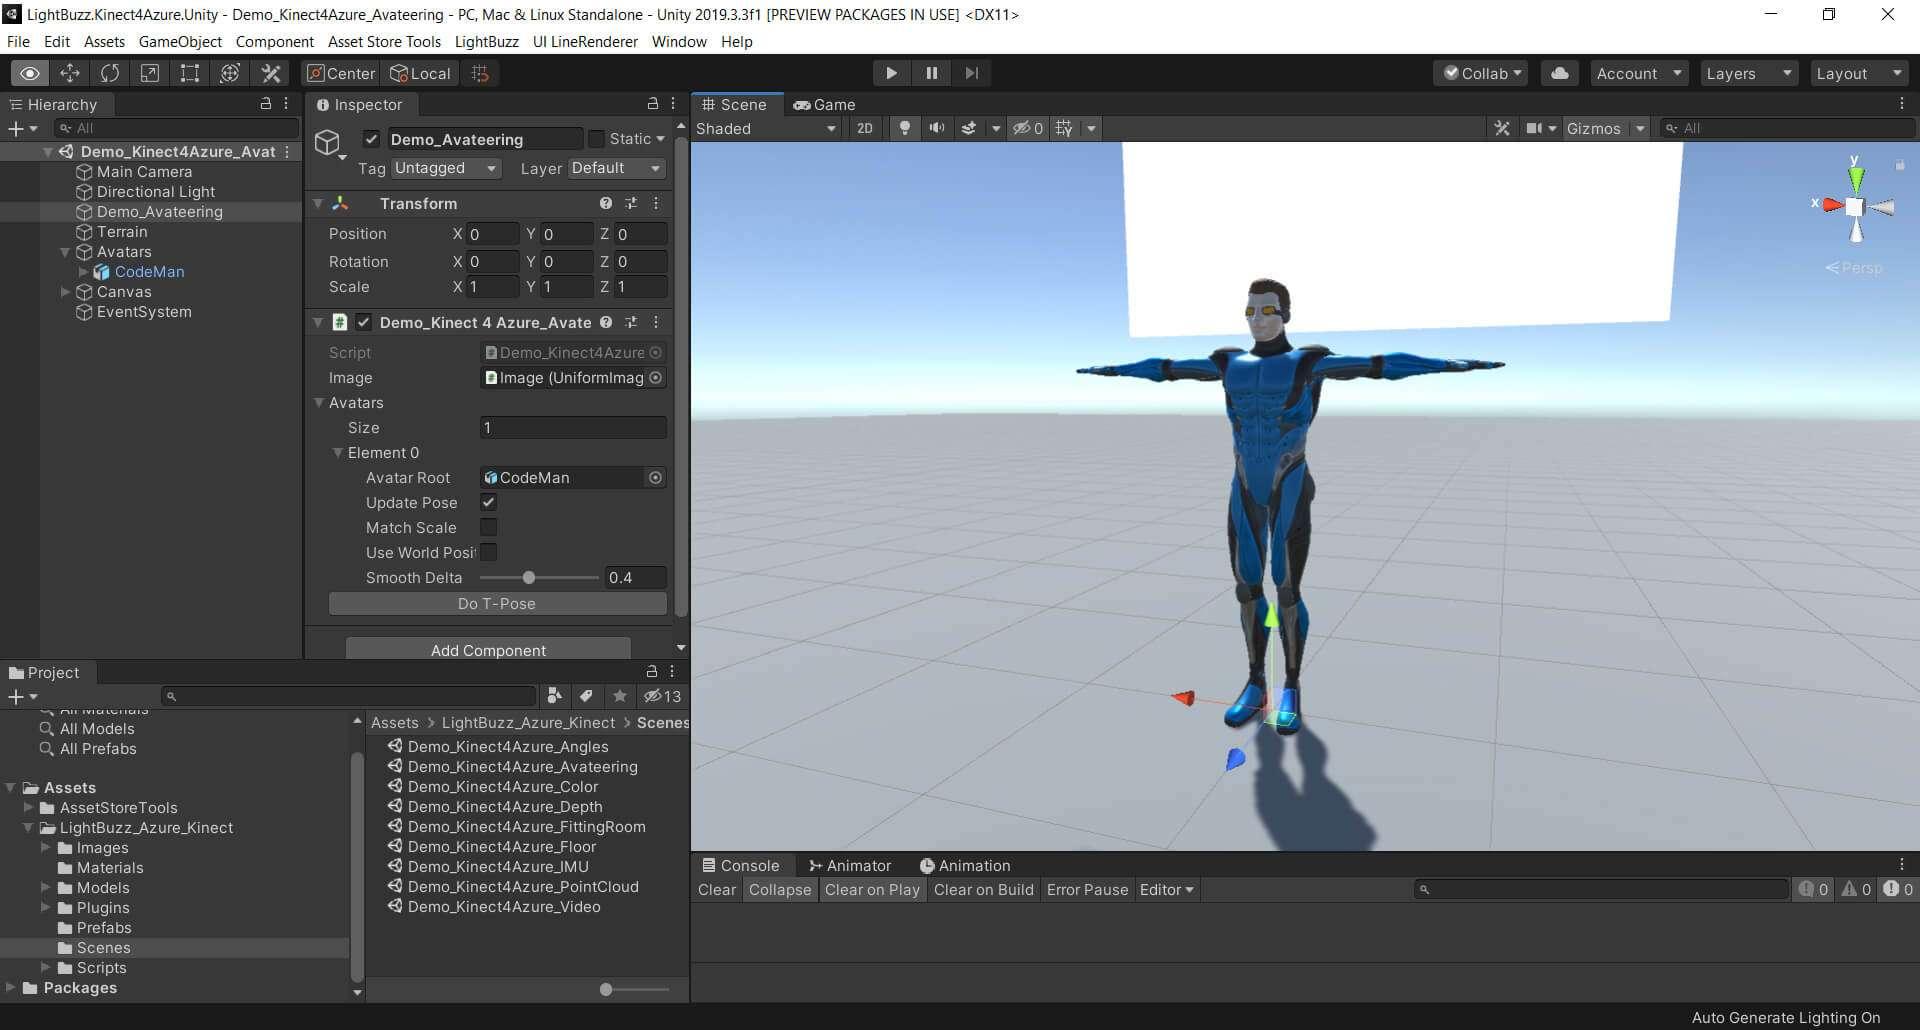 Azure Kinect Avateering Unity3D scene